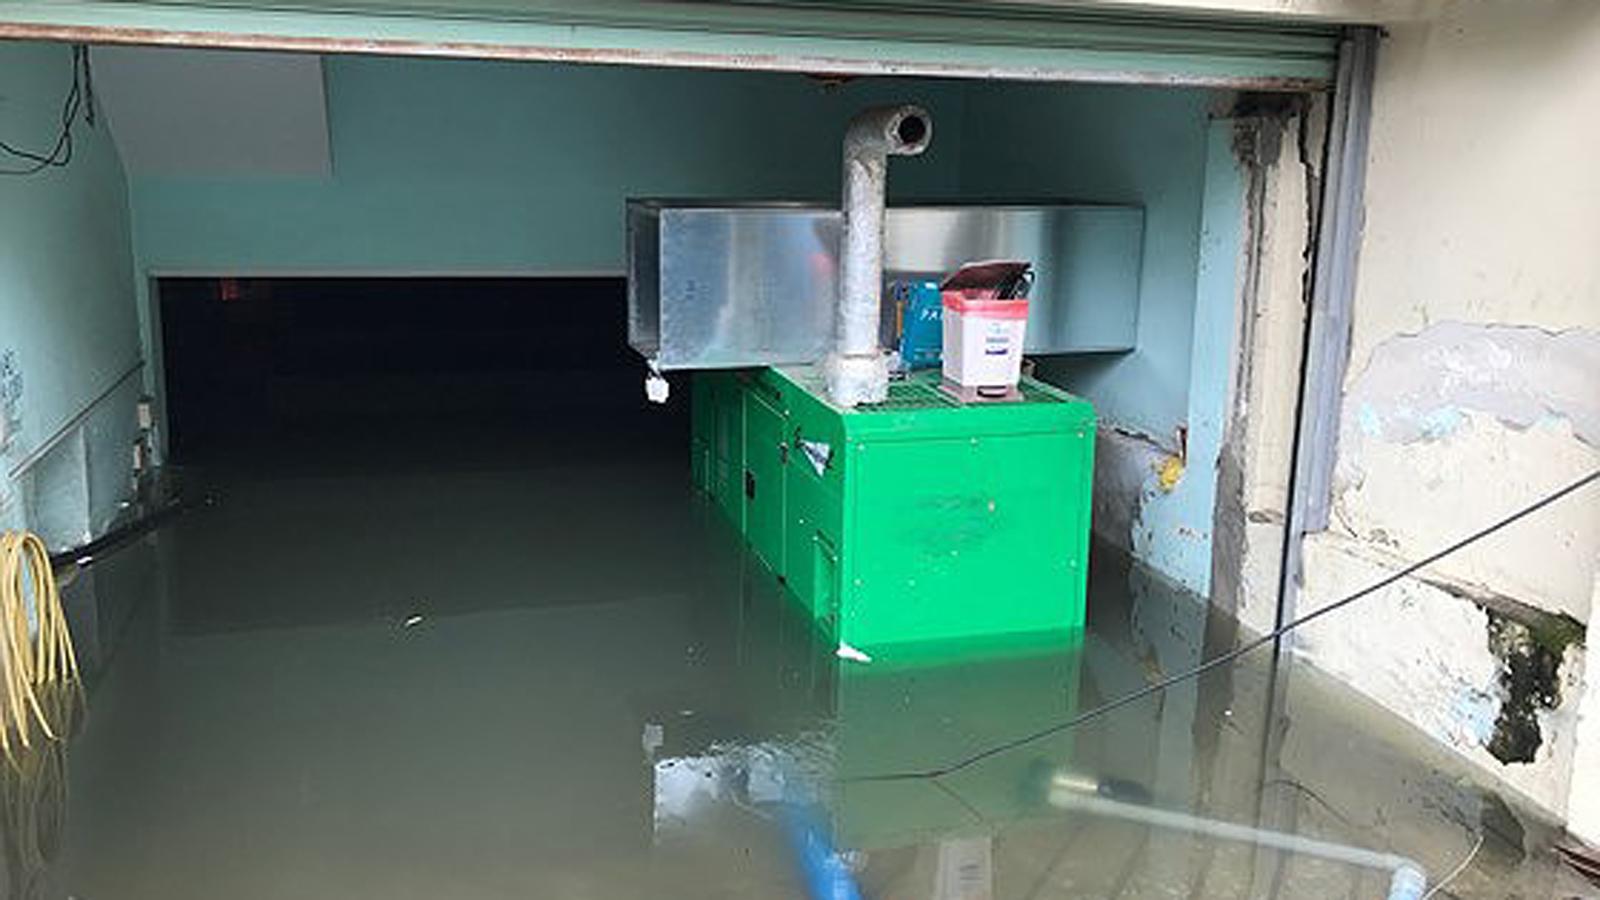 TPHCM ngập, giao thông ùn ứ sau cơn mưa kéo dài do ảnh hưởng bão số 9 ảnh 14